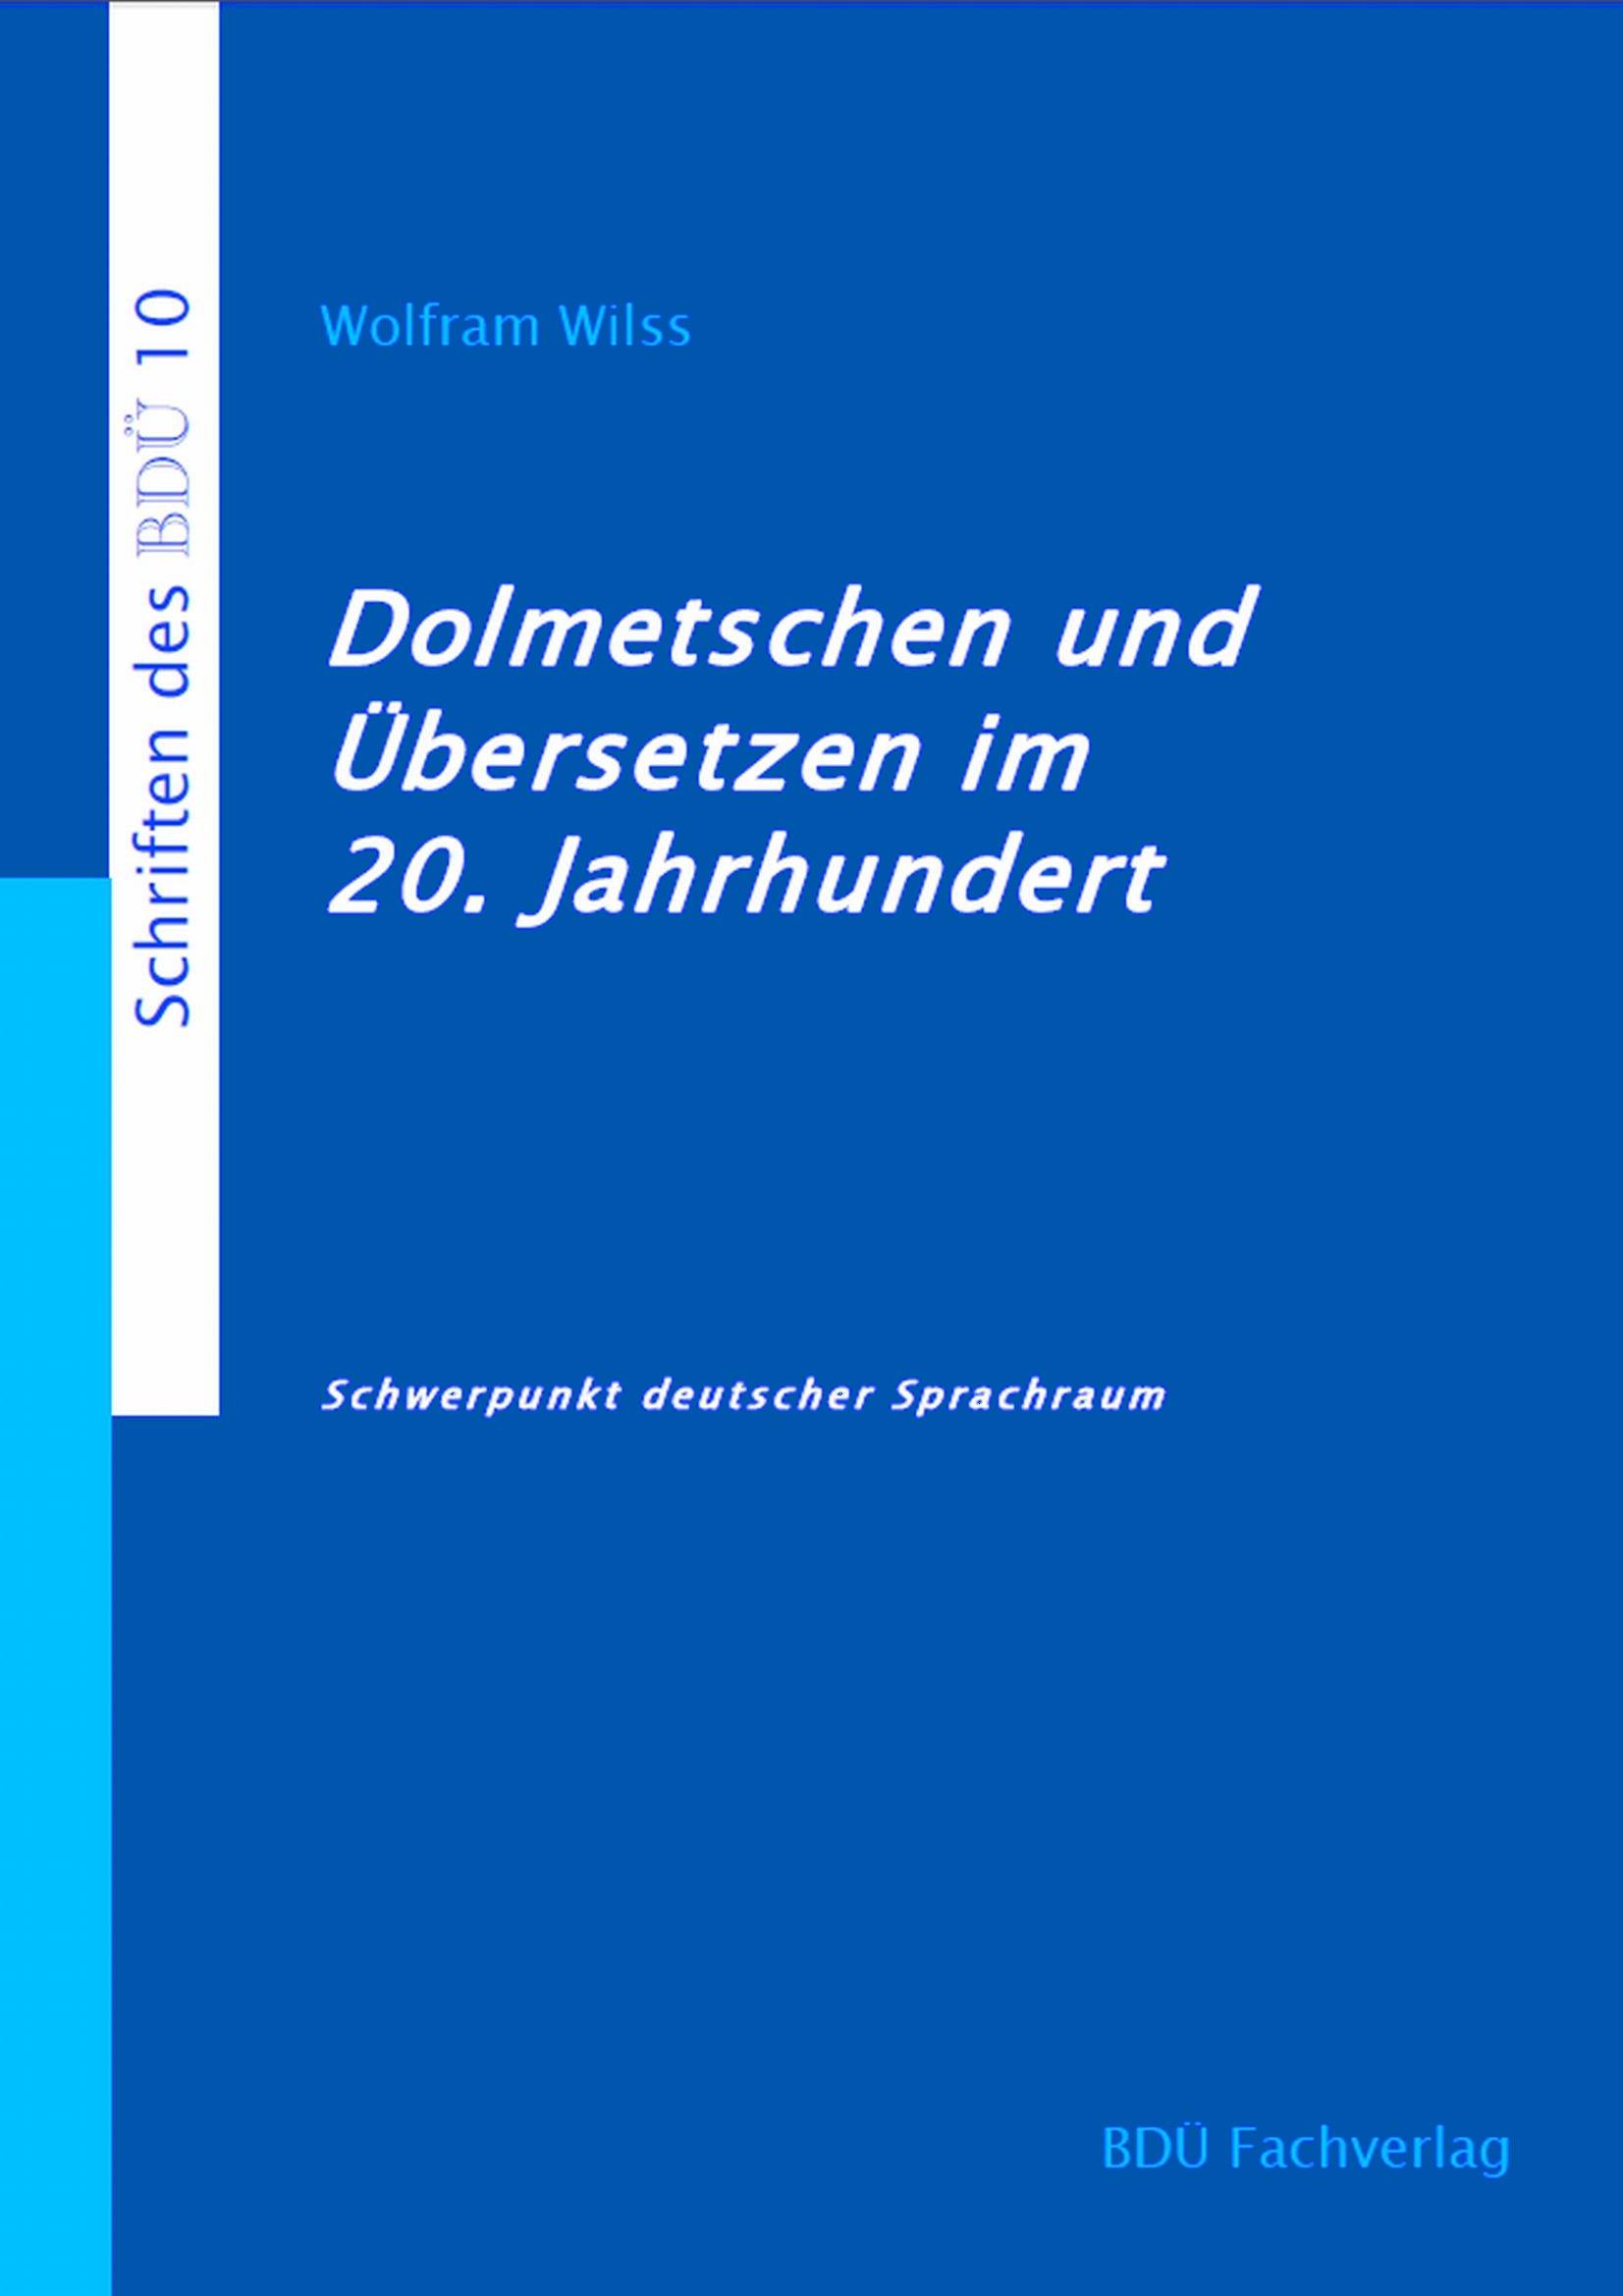 Dolmetschen und Übersetzen im 20. Jahrhundert